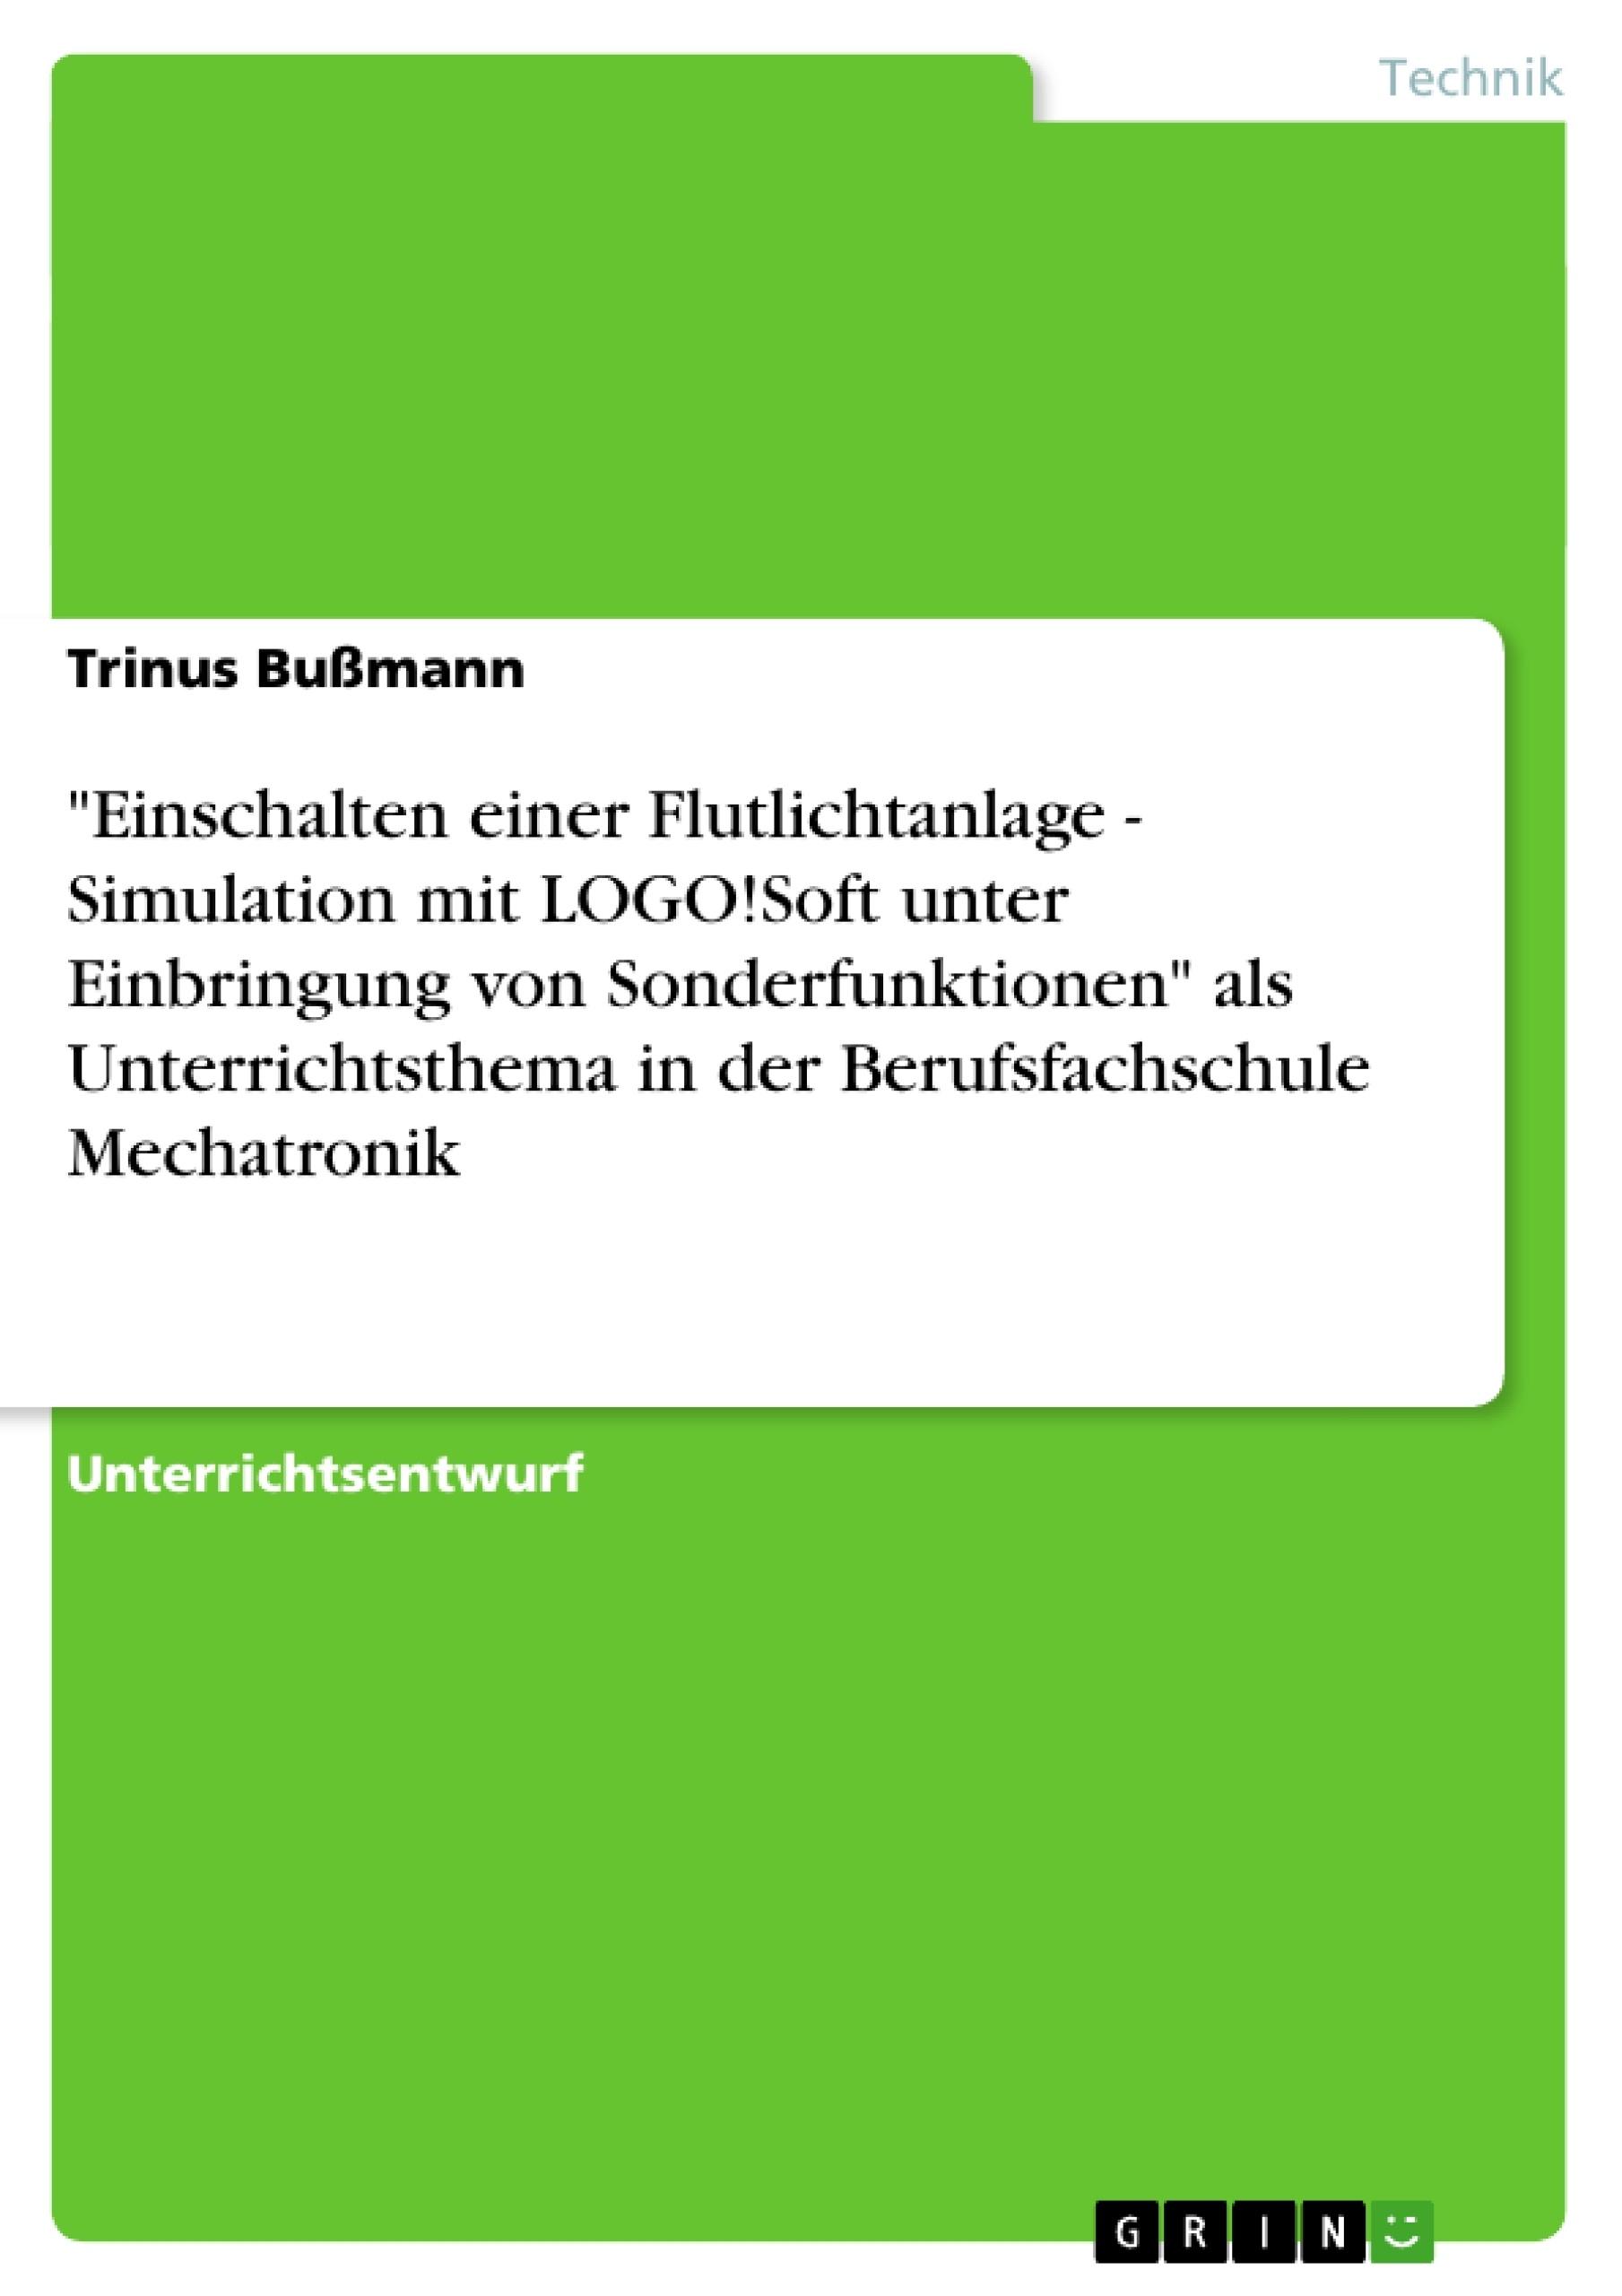 """Titel: """"Einschalten einer Flutlichtanlage - Simulation mit LOGO!Soft unter Einbringung von Sonderfunktionen"""" als Unterrichtsthema in der Berufsfachschule Mechatronik"""